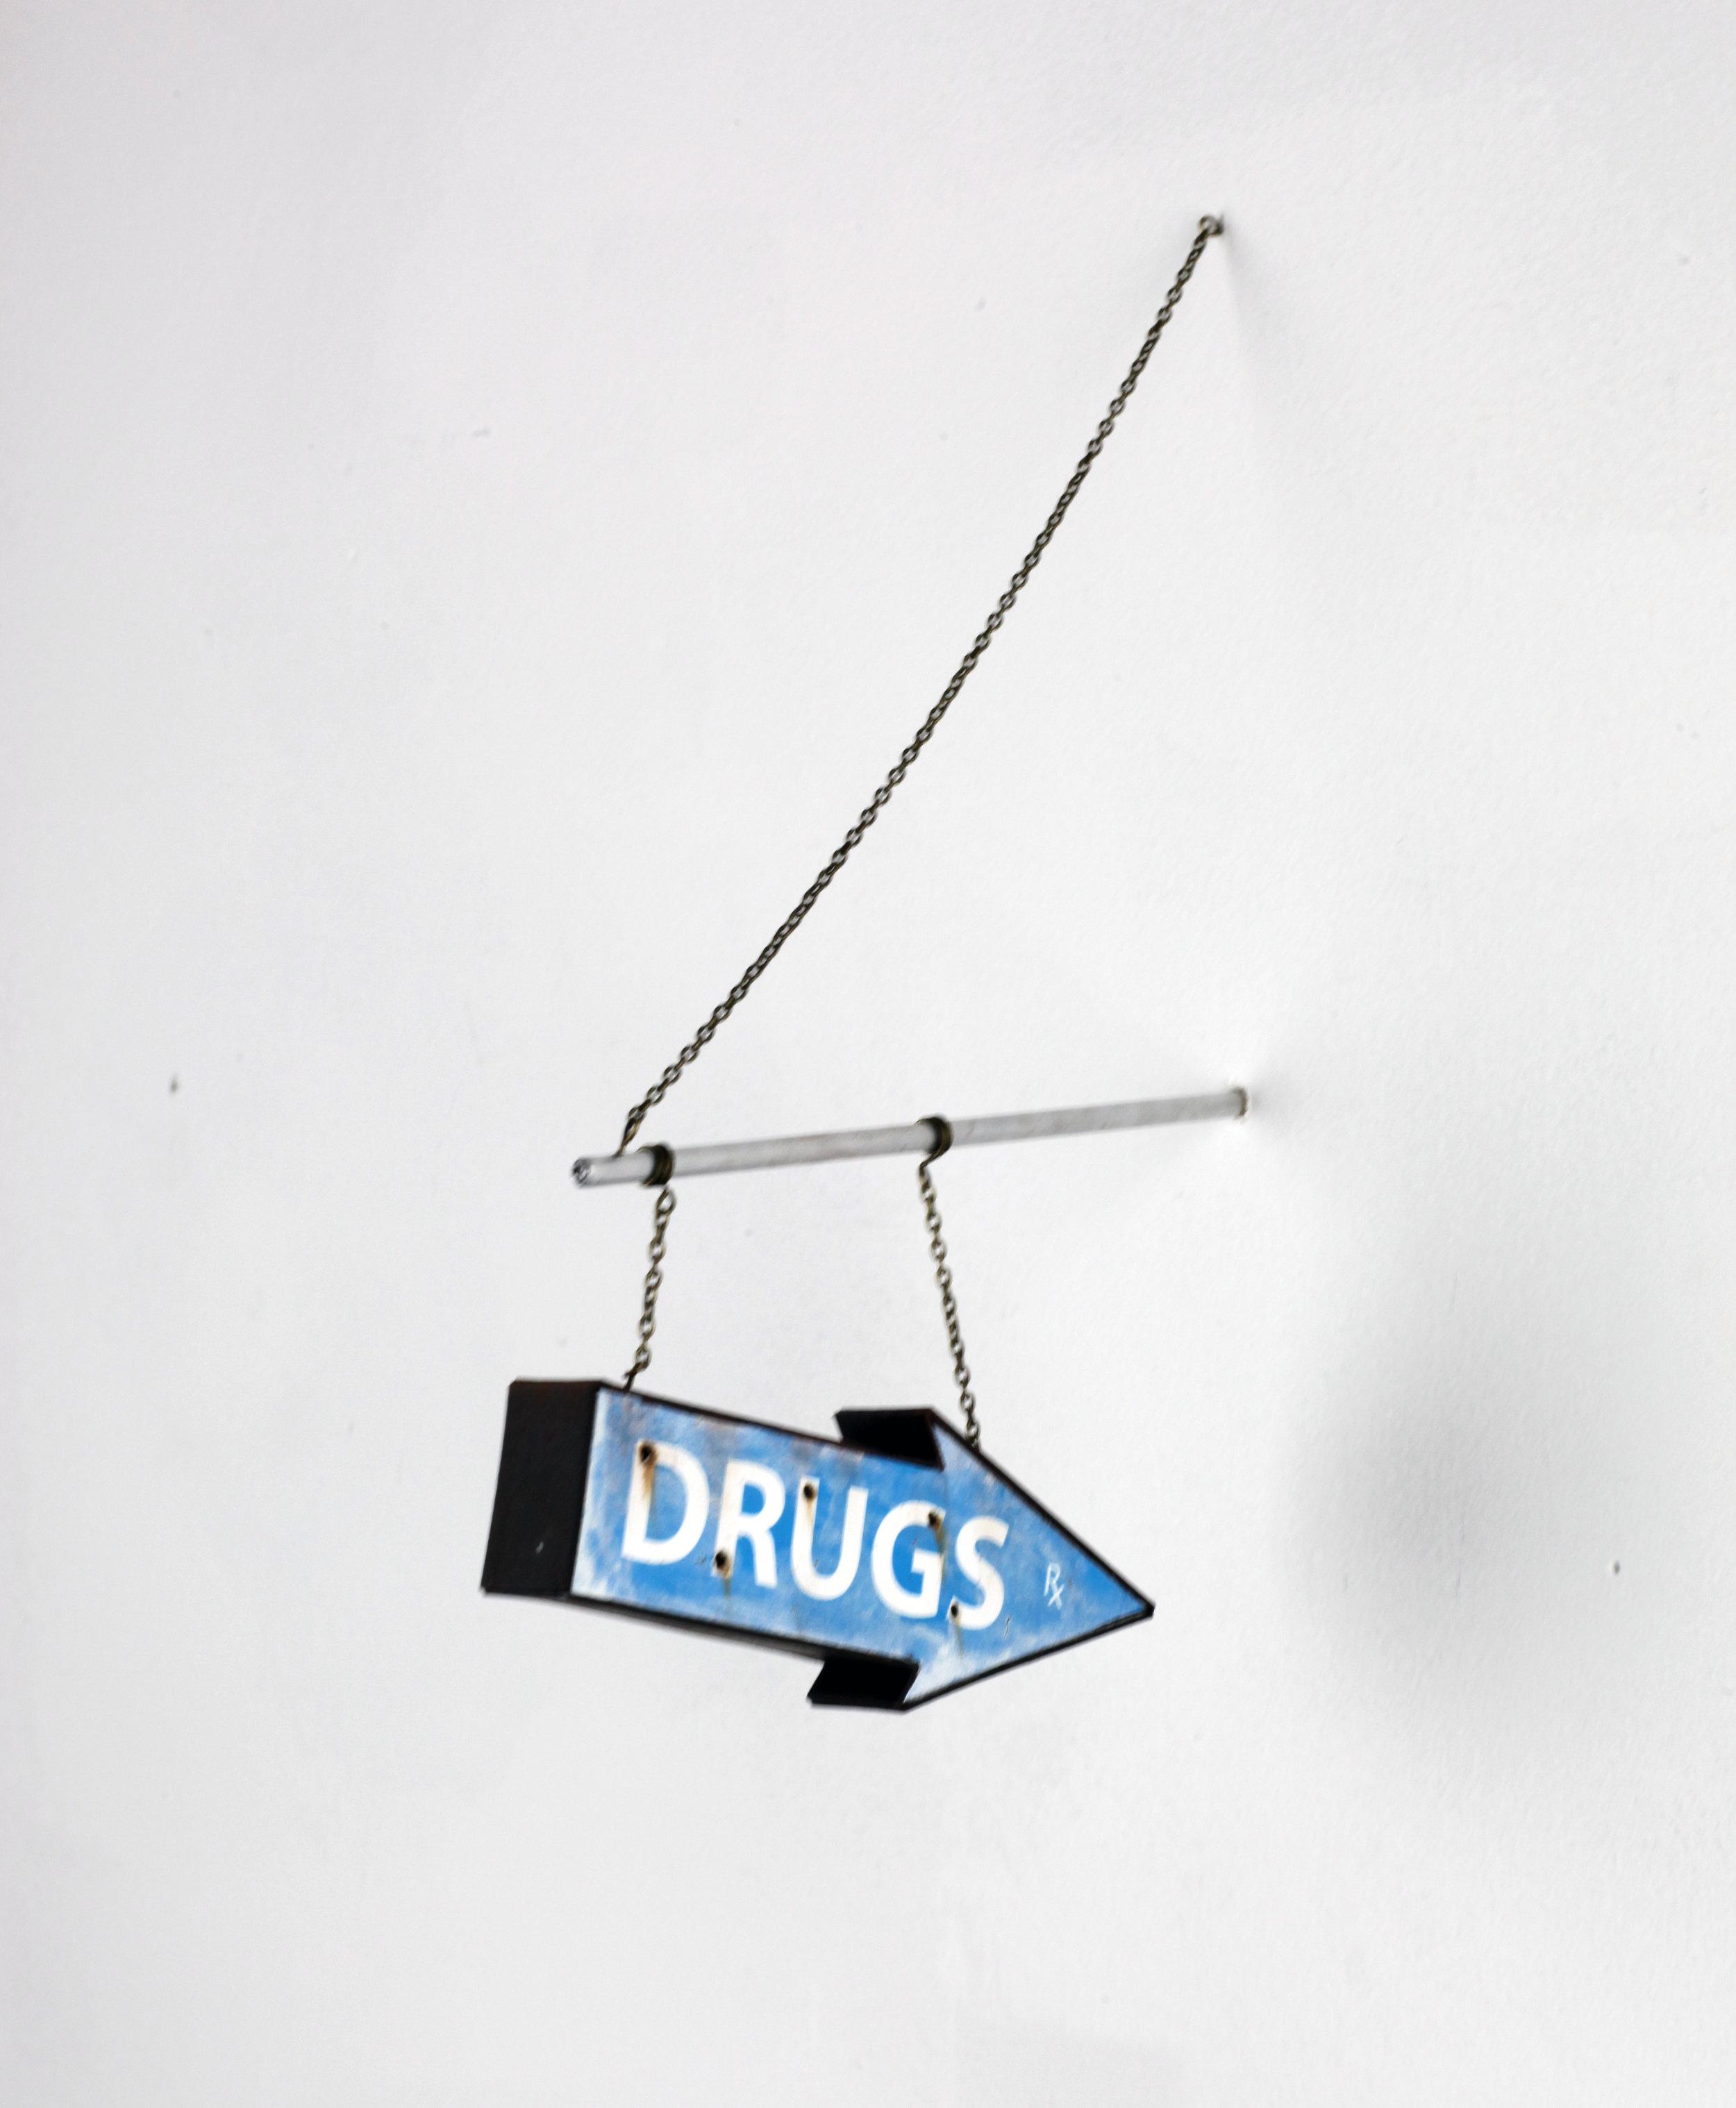 Drug Store - SOLD